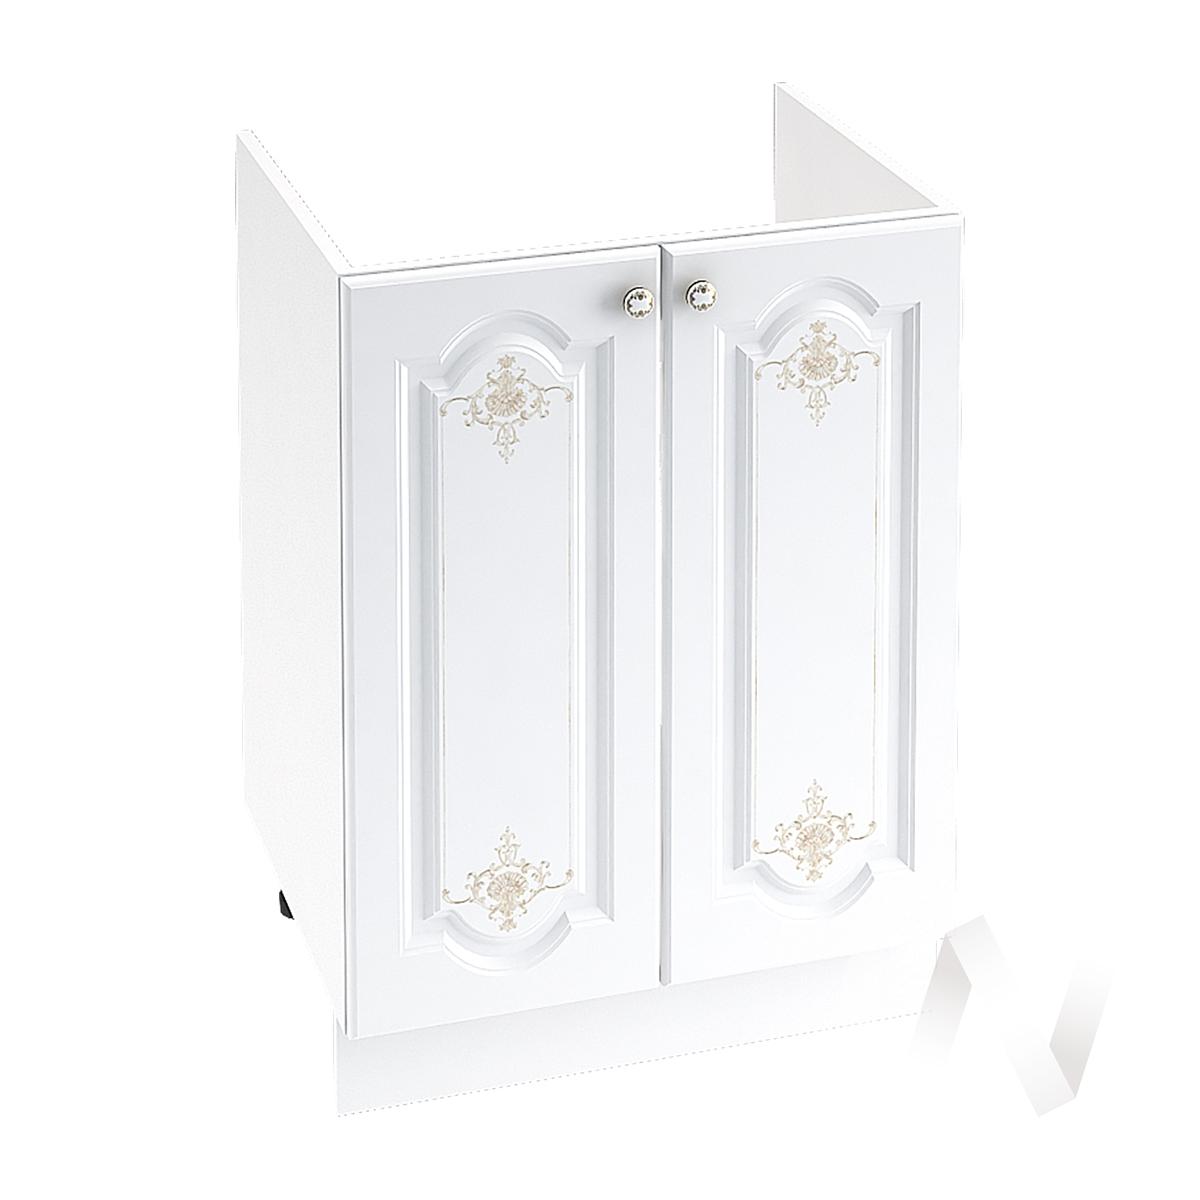 """Кухня """"Шарлиз"""": Шкаф нижний под мойку 600, ШНМ 600 новый (корпус белый)"""